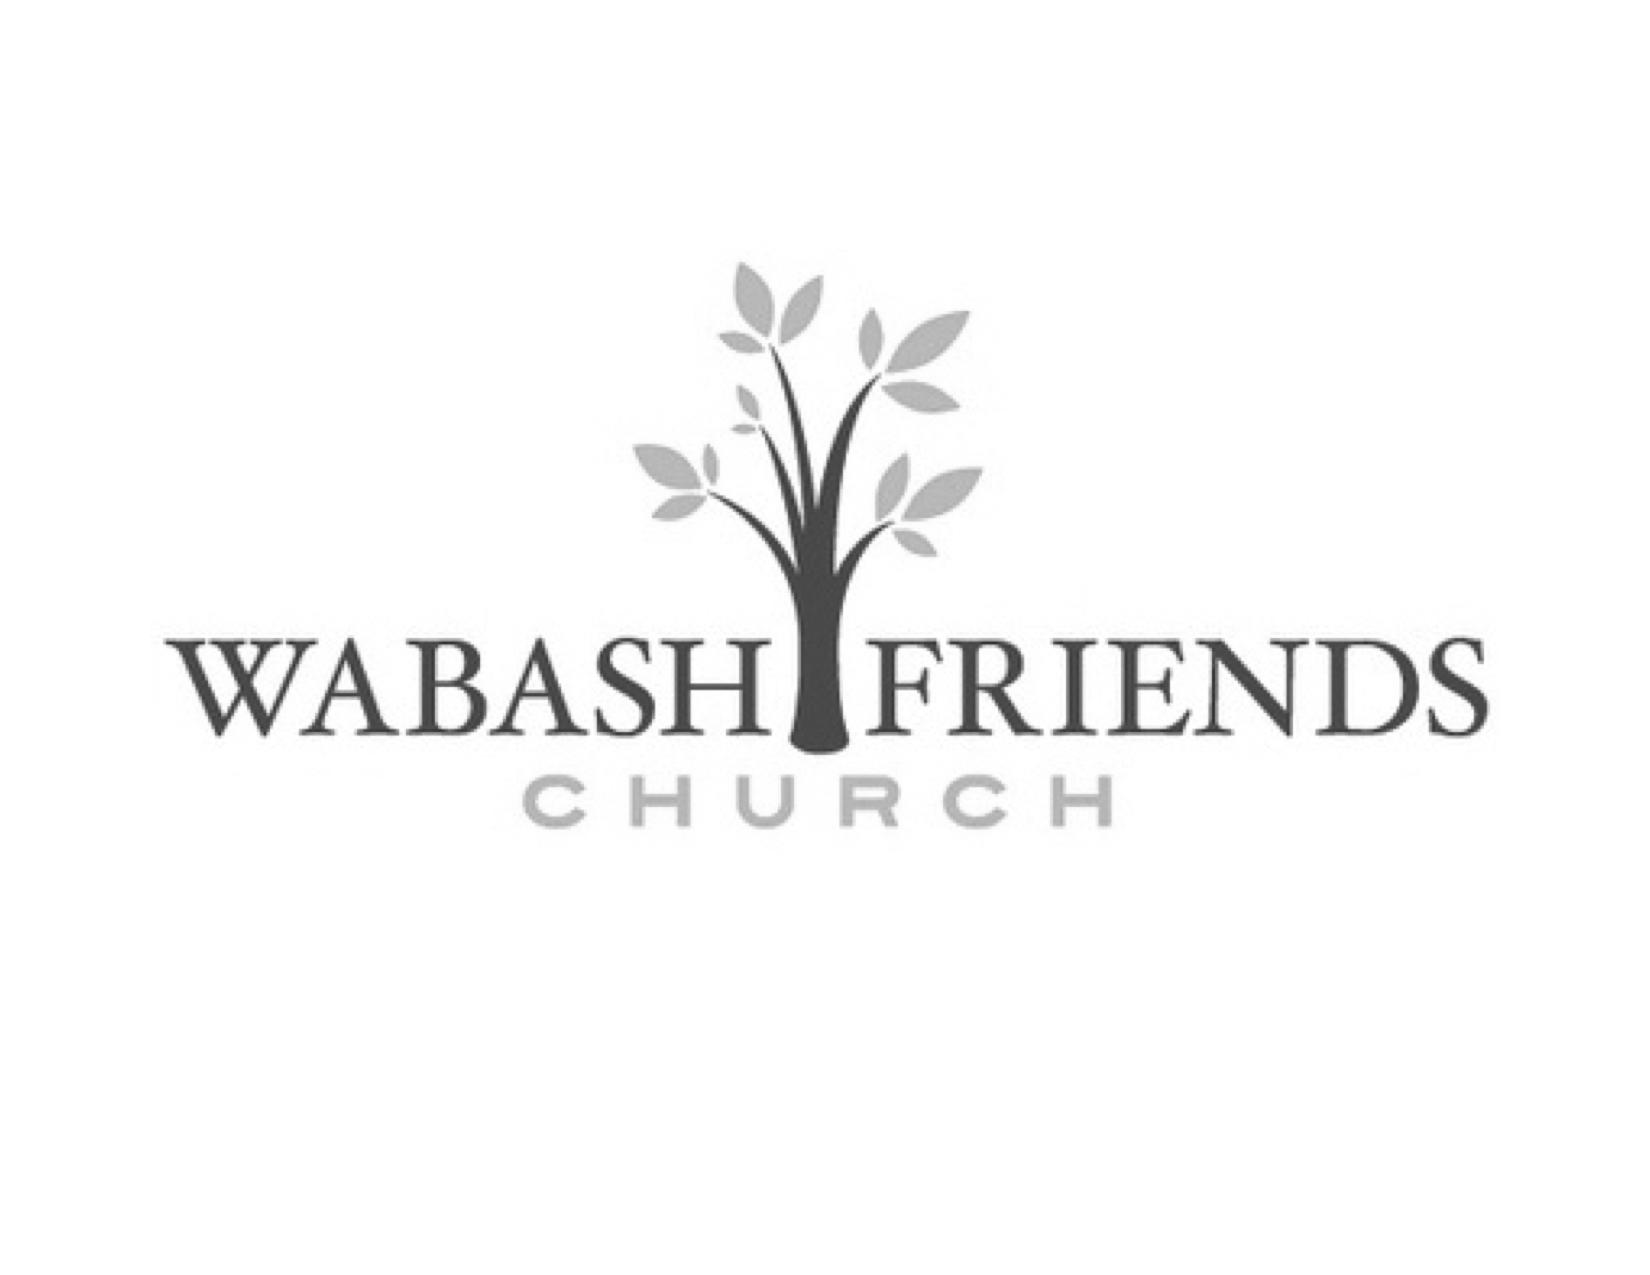 Friends Church.jpg